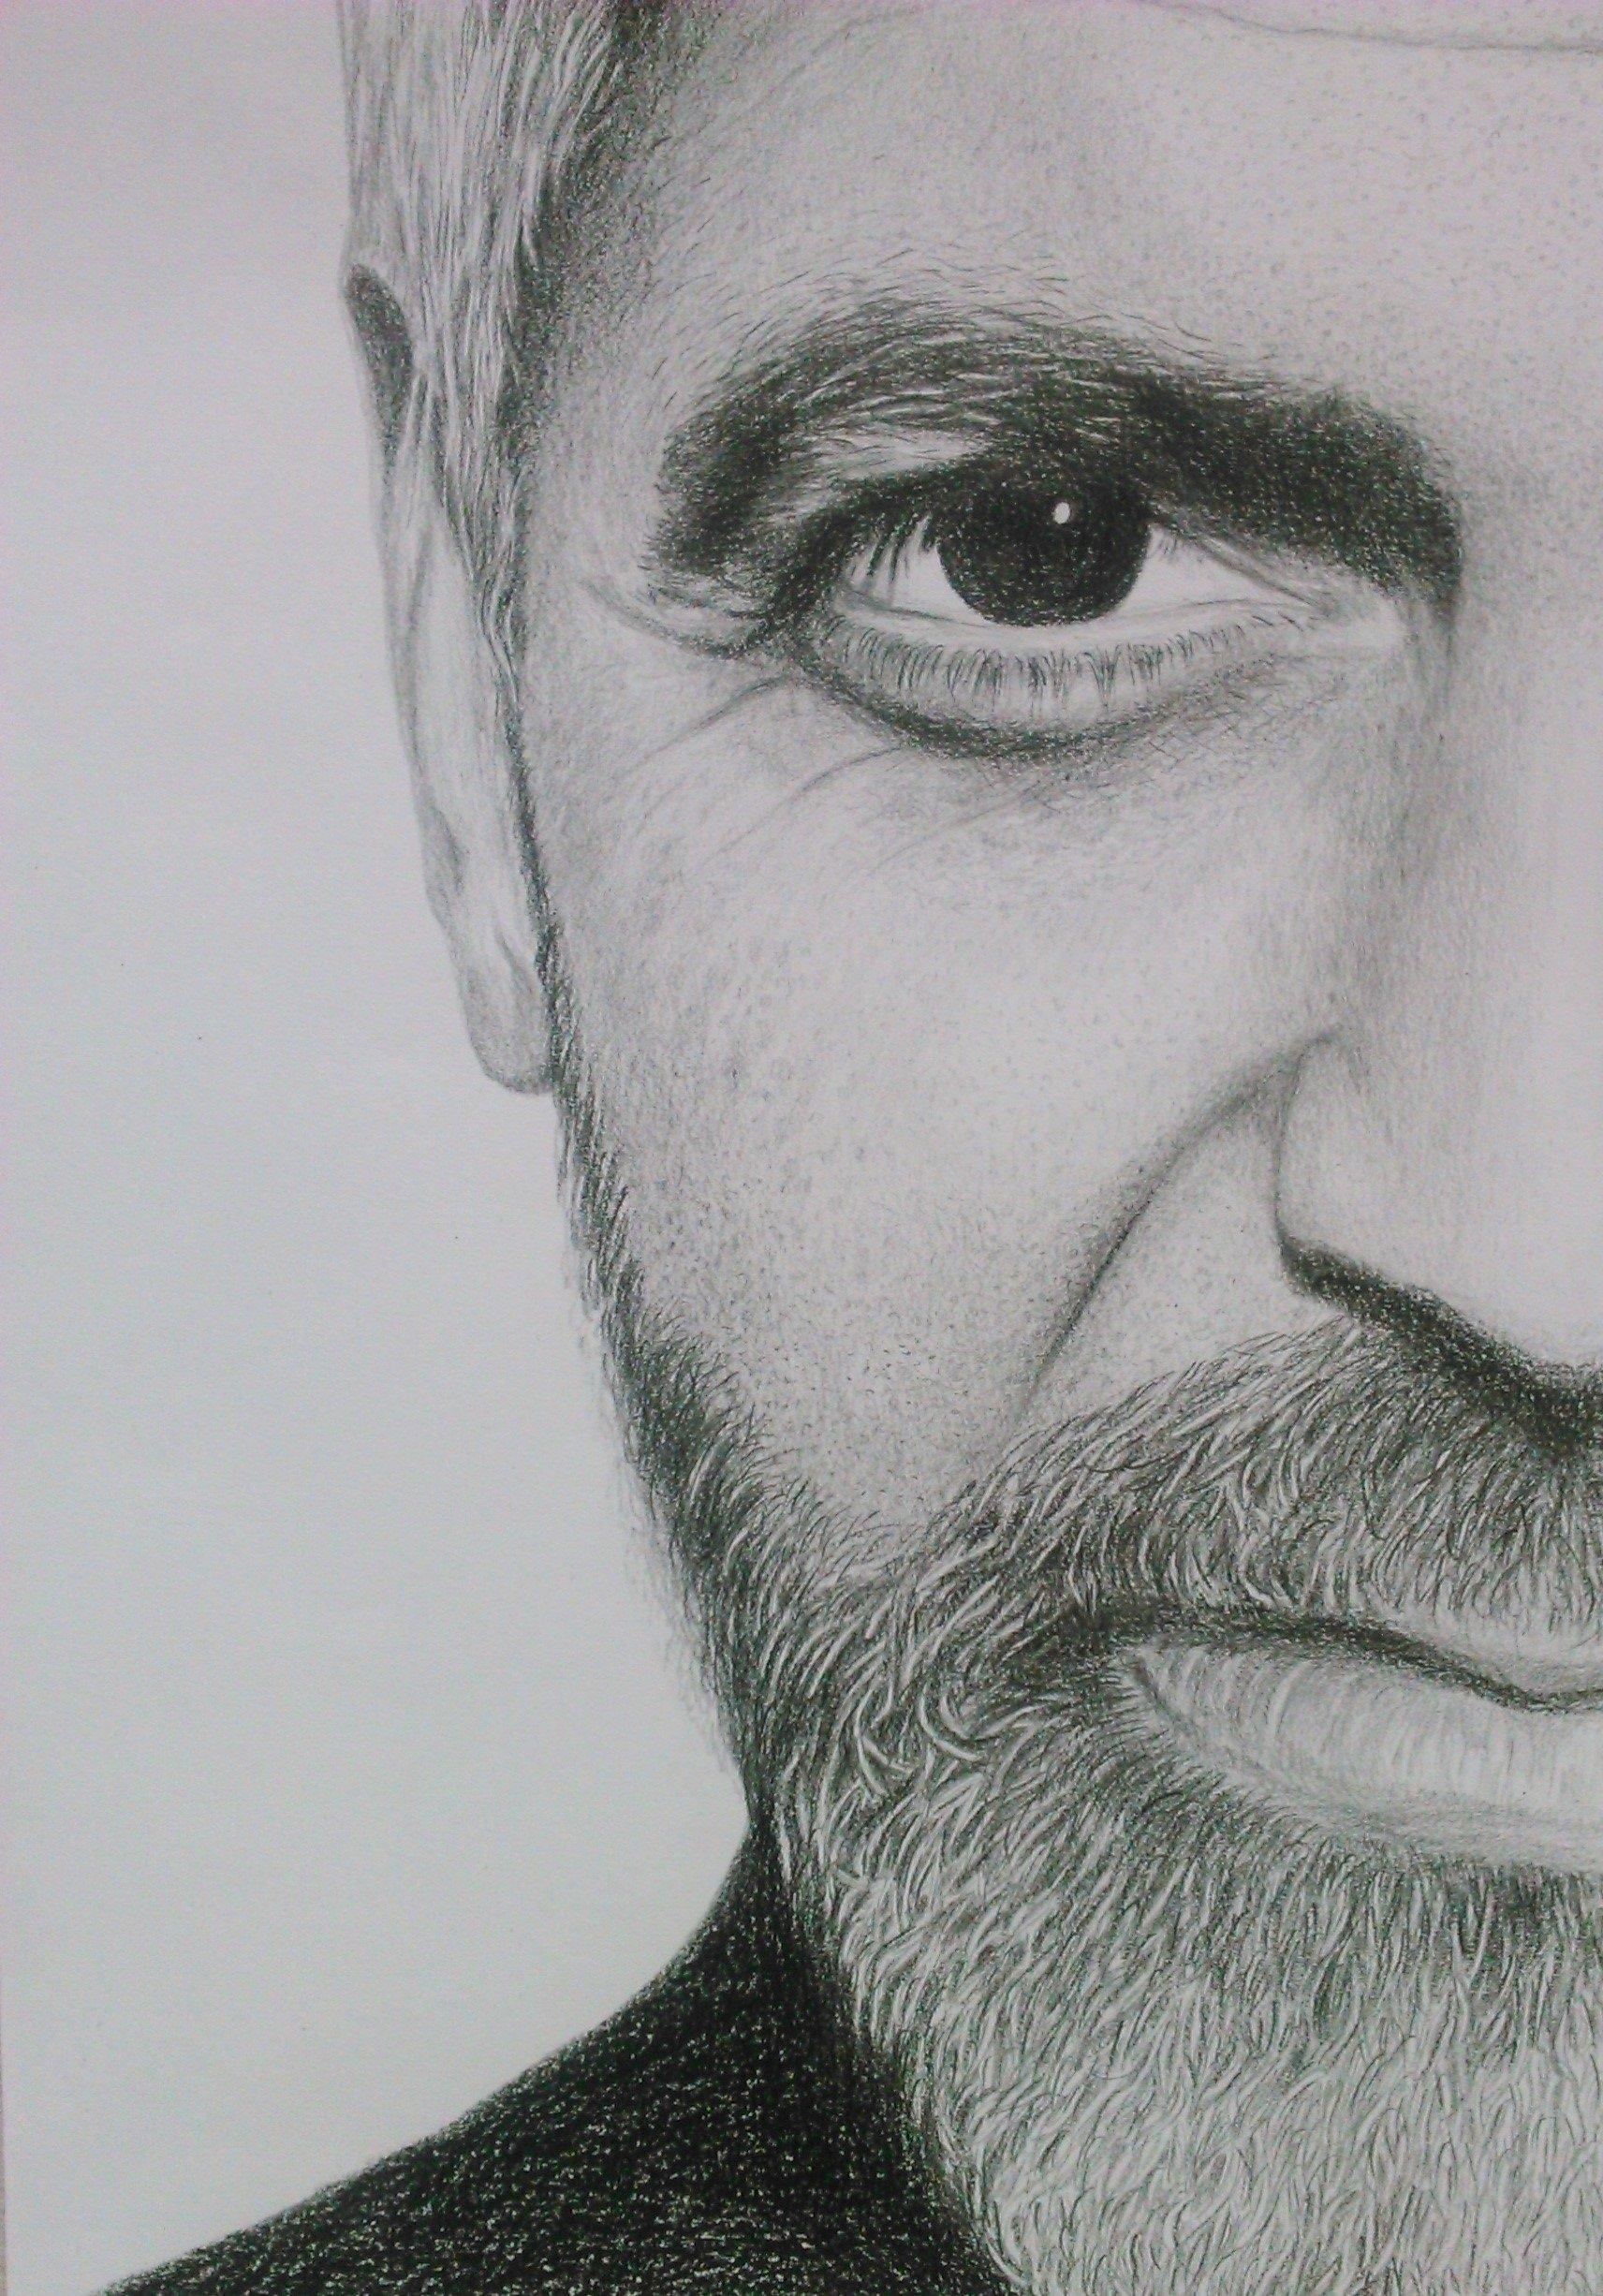 Portret Rysunek Szkic Ze Zdjęcia Ołówkiem A4a3 7128771541